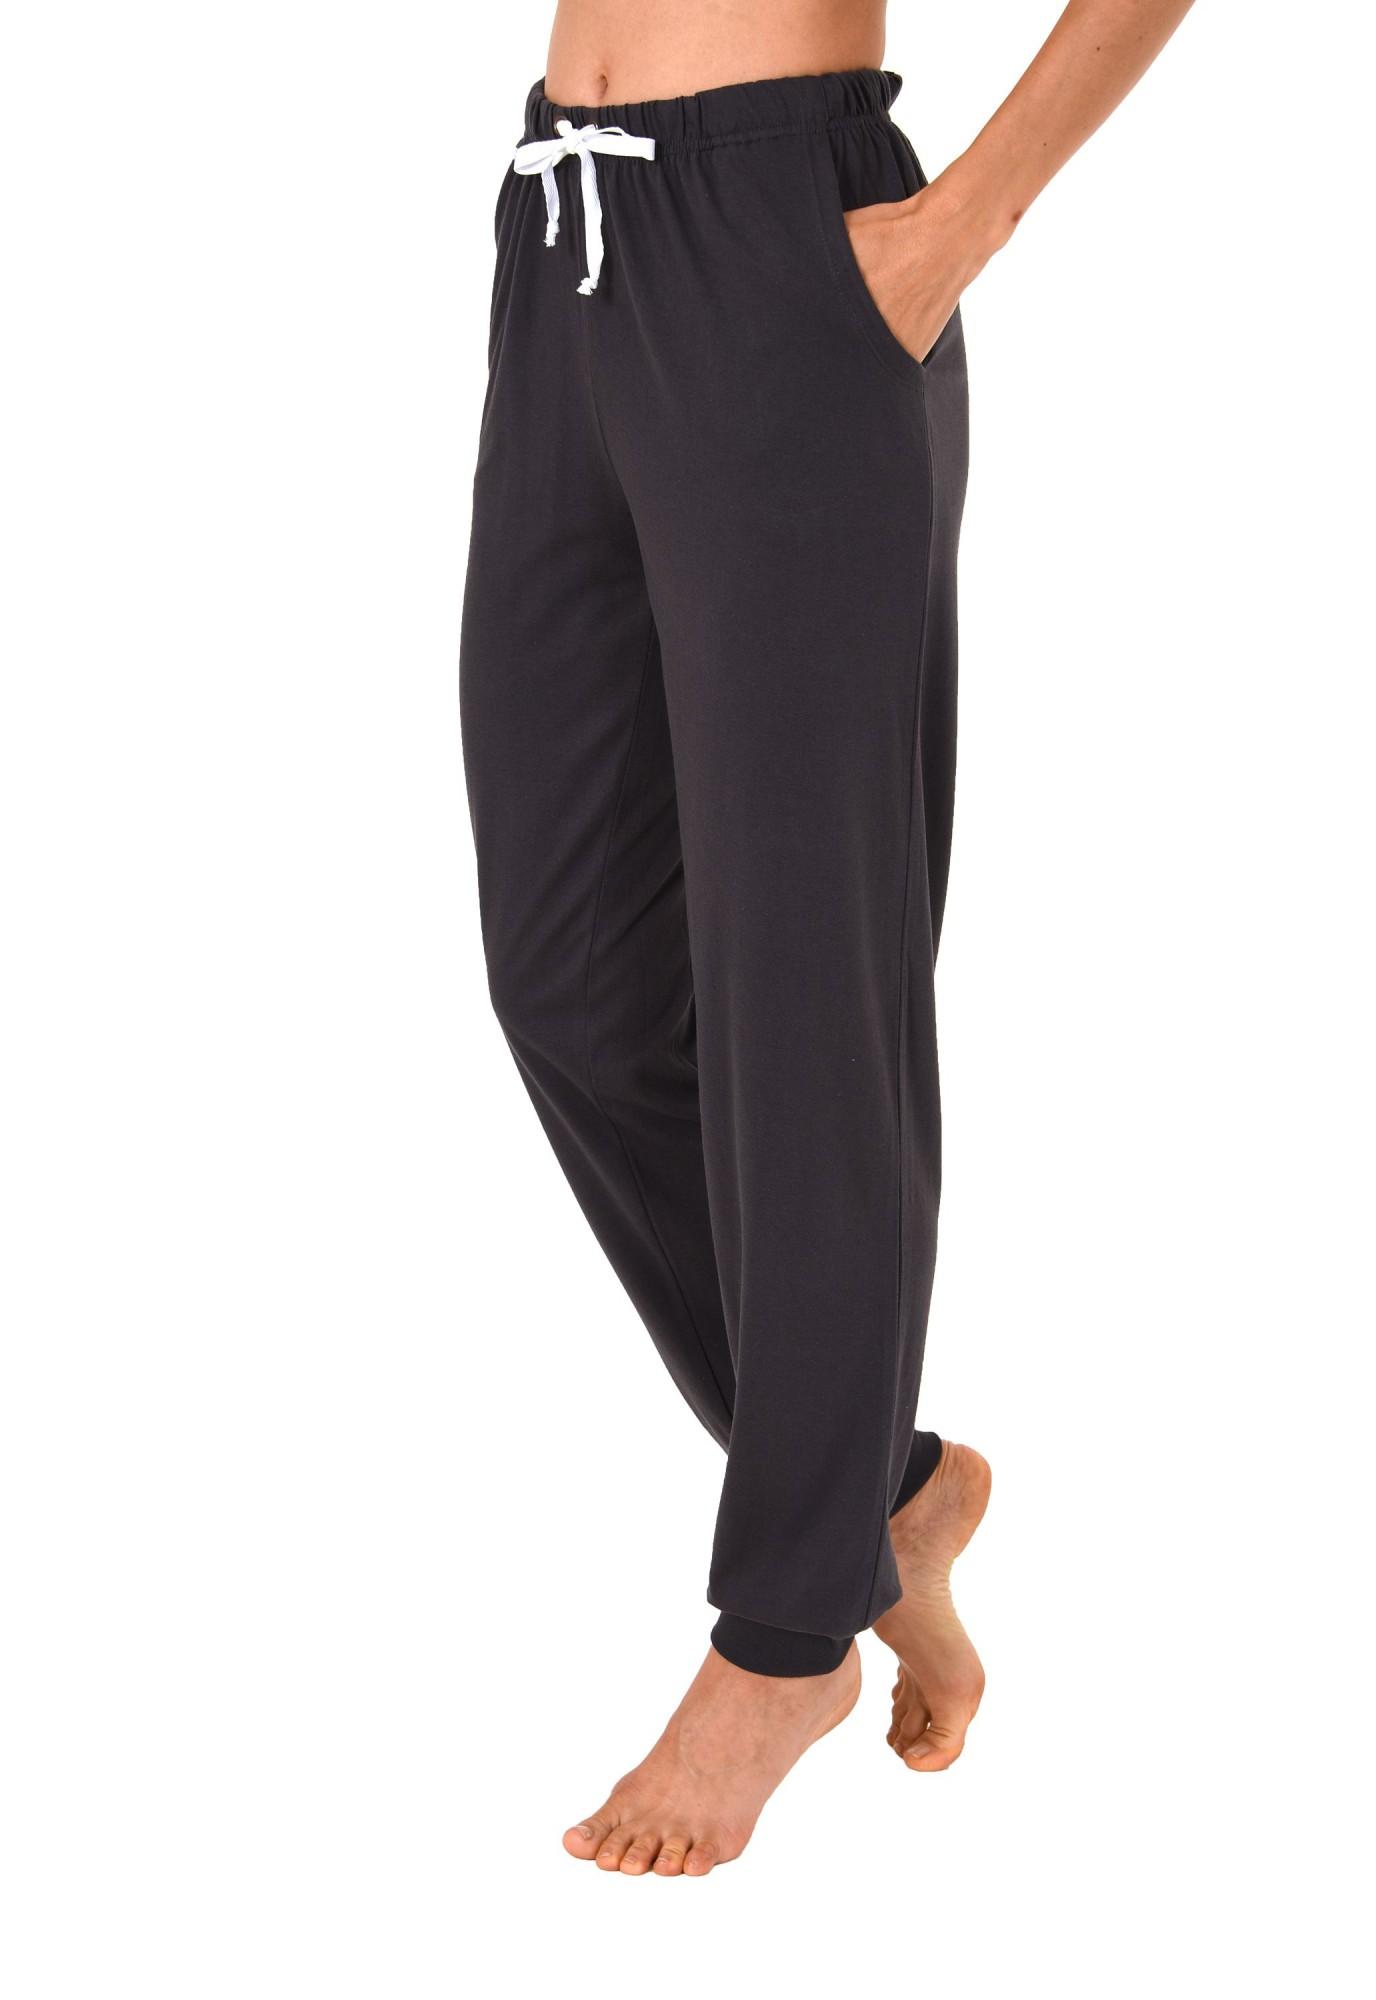 Damen Hose lang - Mix & Match – unifarben - ideal zum kombinieren  271 222 90 103 – Bild 2